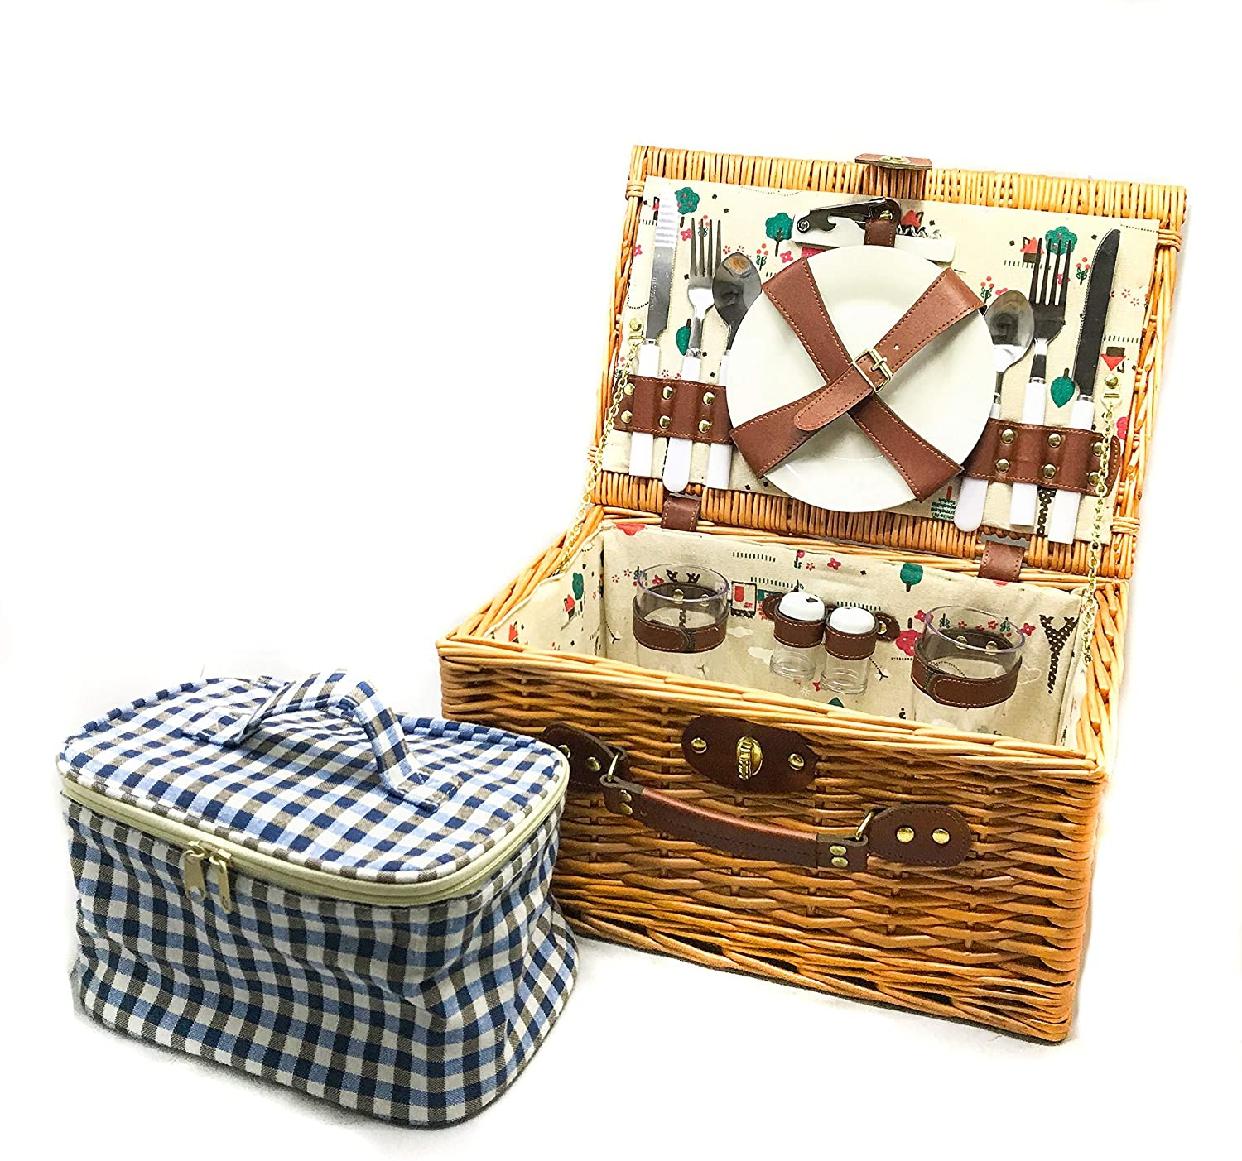 LoaMythos(ロアミトス)All in One Picnic Basket(保温・保冷ができるミニクーラーバッグ付き)ブラウン 1003671の商品画像